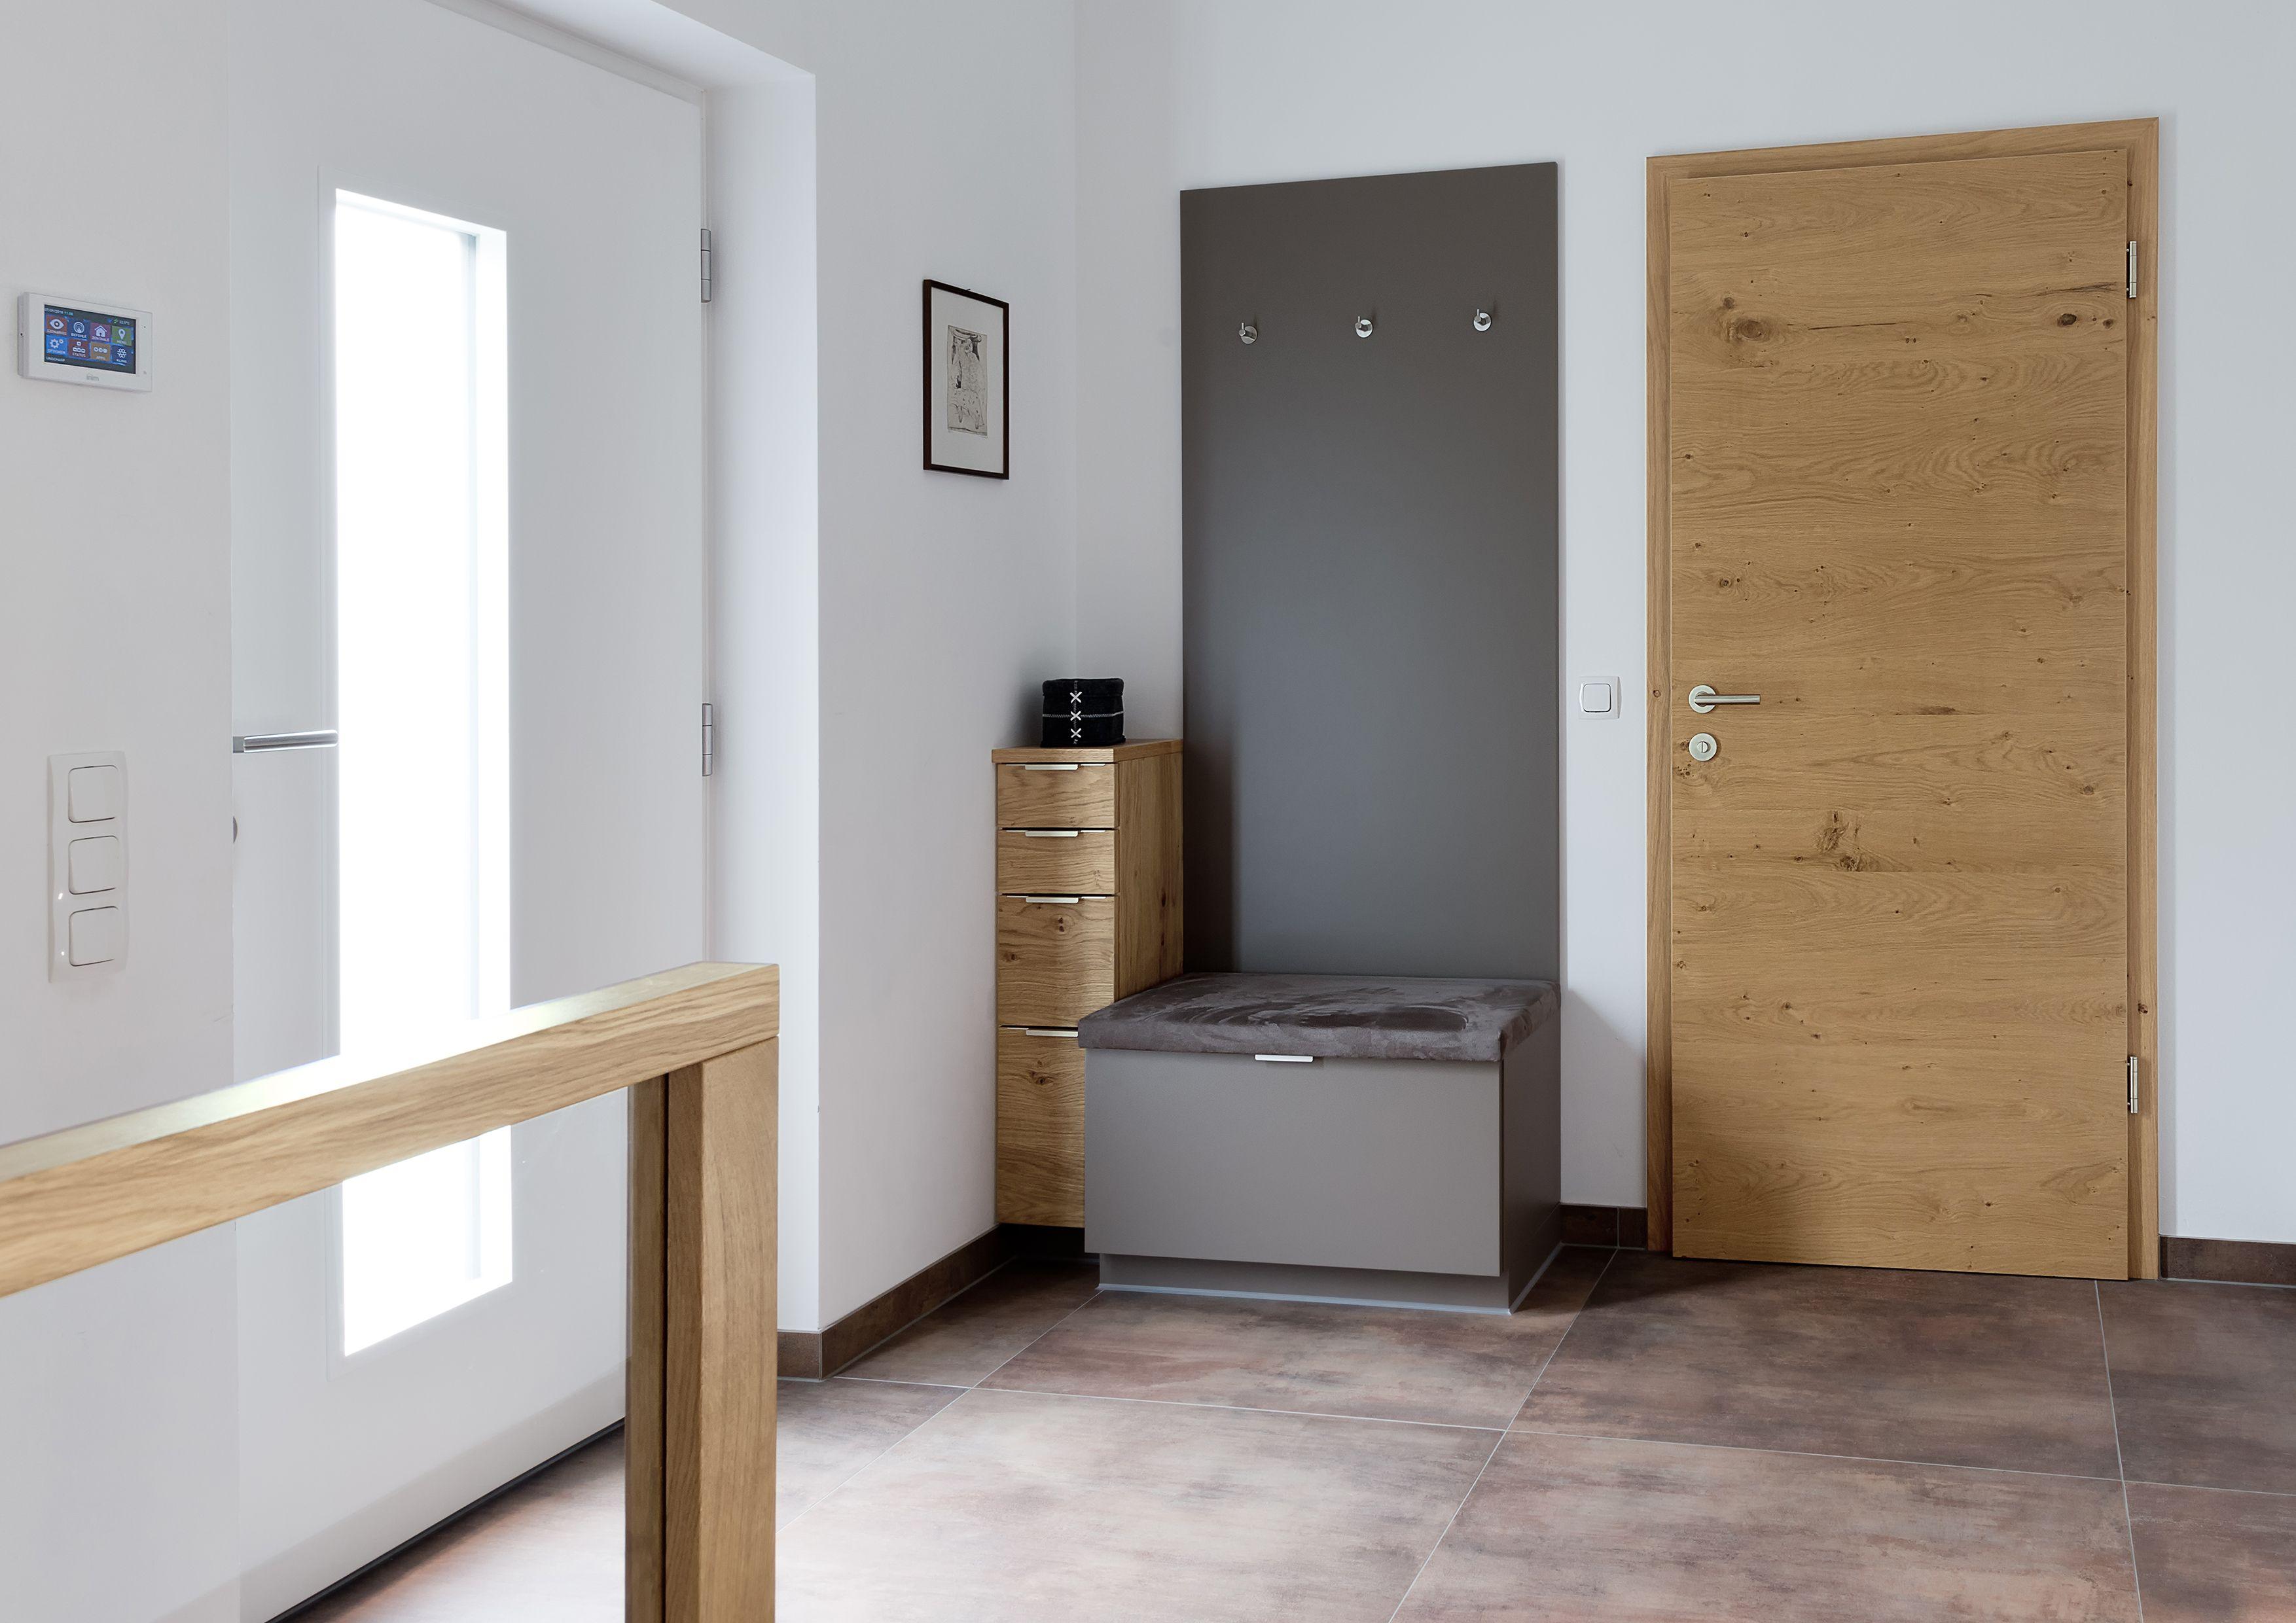 450 Haus Ideen Haus Haus Innenarchitektur Bad Grundriss